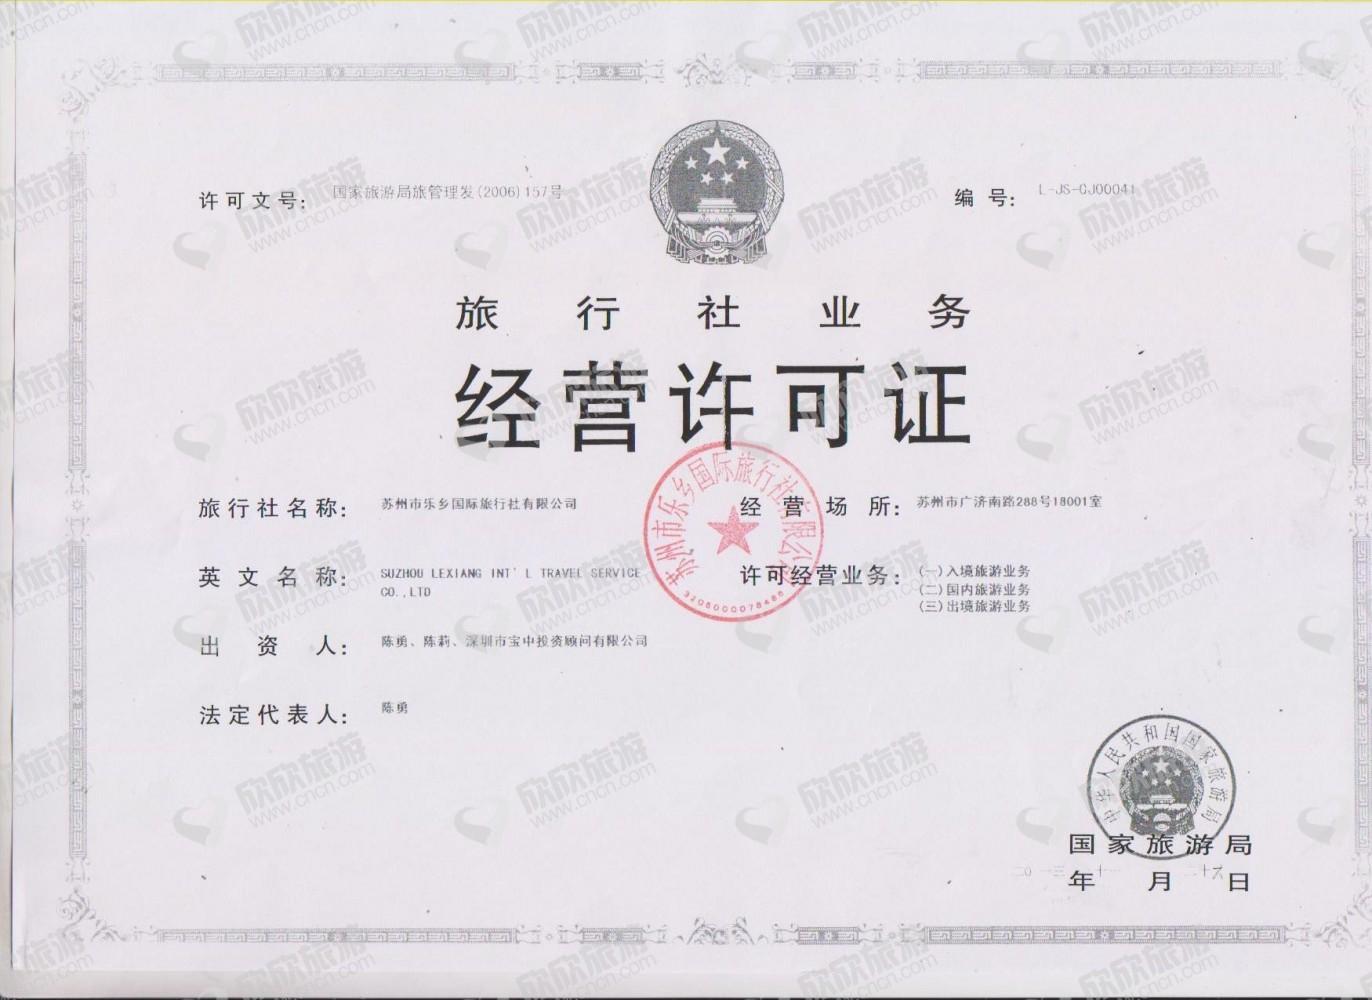 苏州市乐乡国际旅行社有限公司总部经营许可证